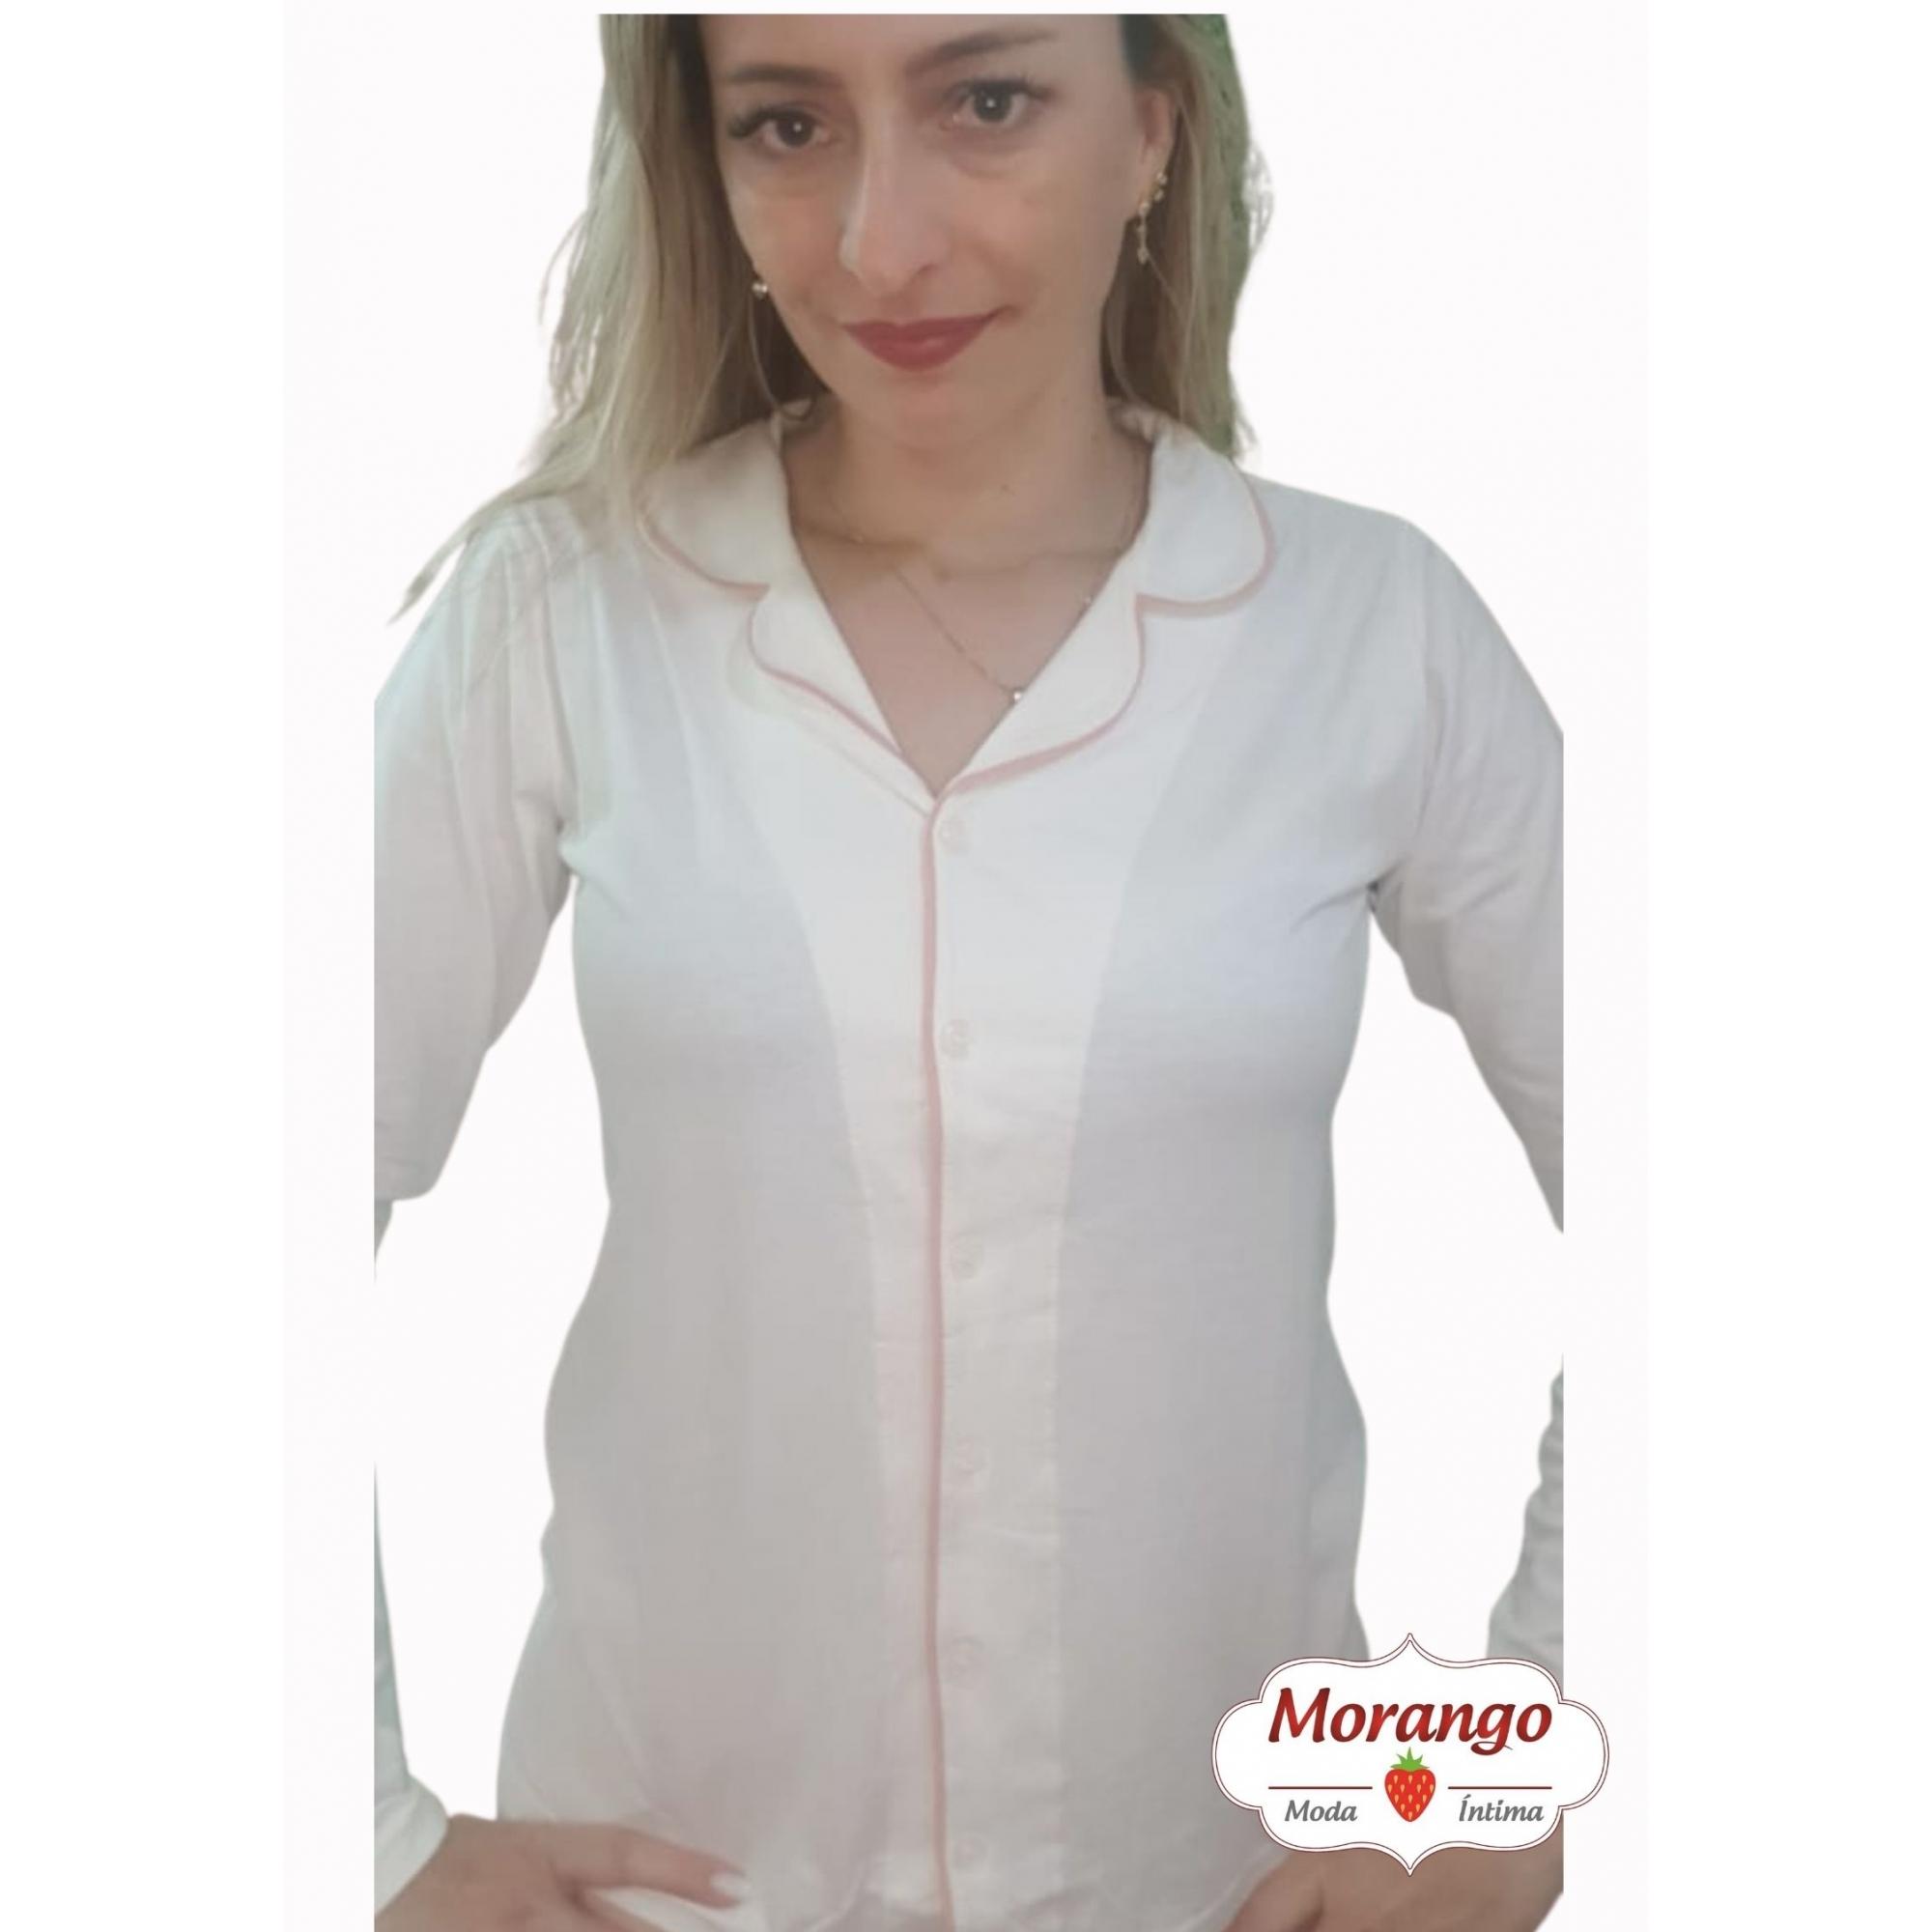 Pijama 1103 Aberto Manga Longa E CalÇa (100% Algodao)